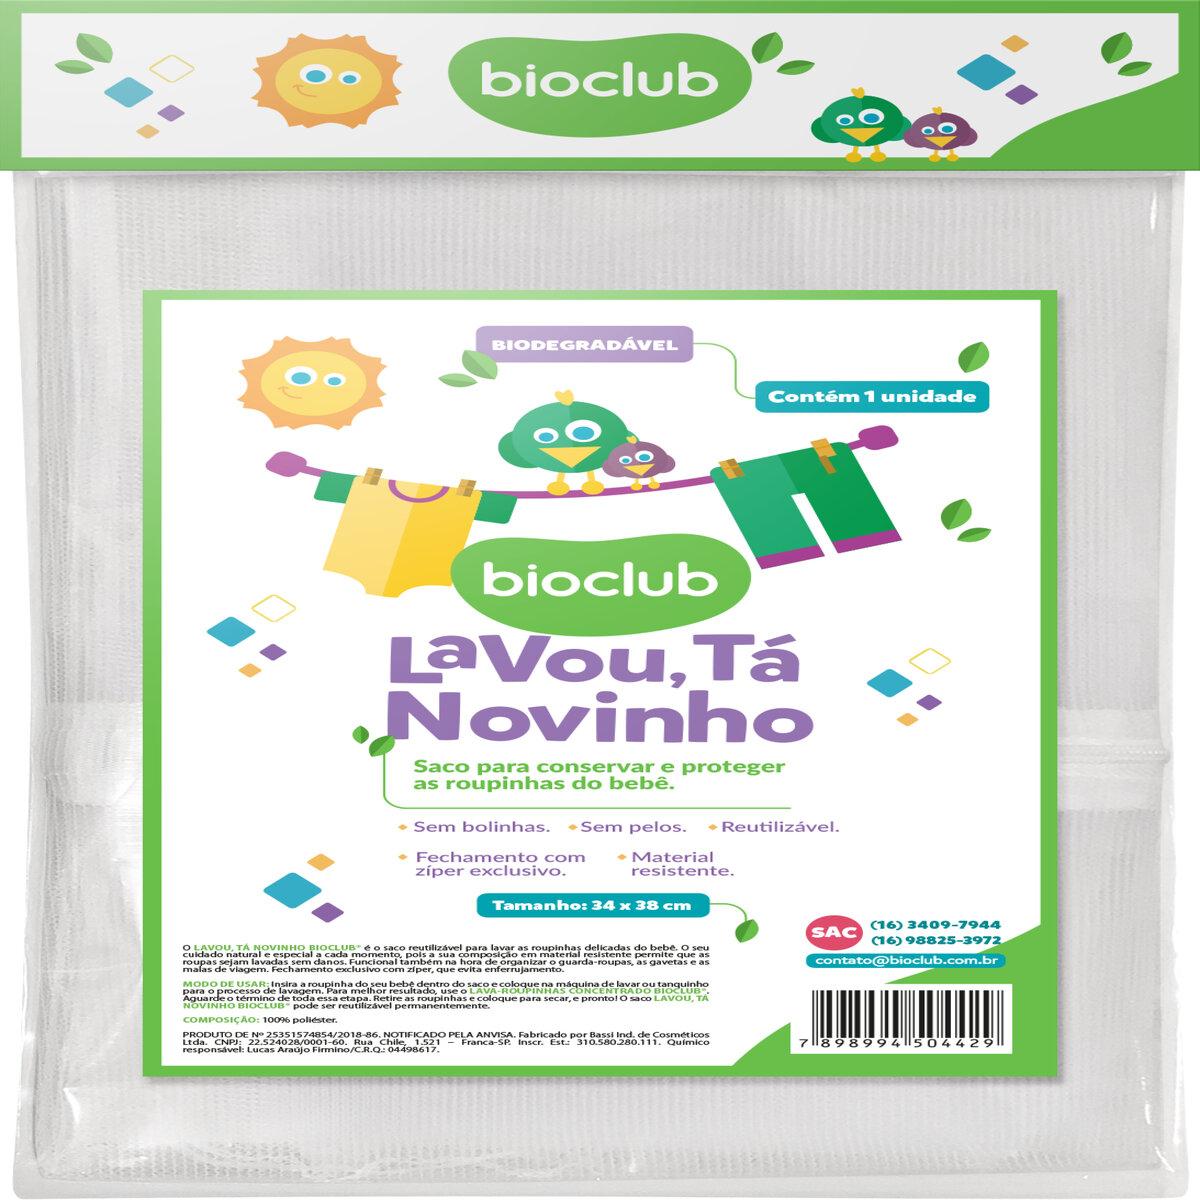 Detergente Líquido Lava 500ml e Saco de Roupas Bioclub